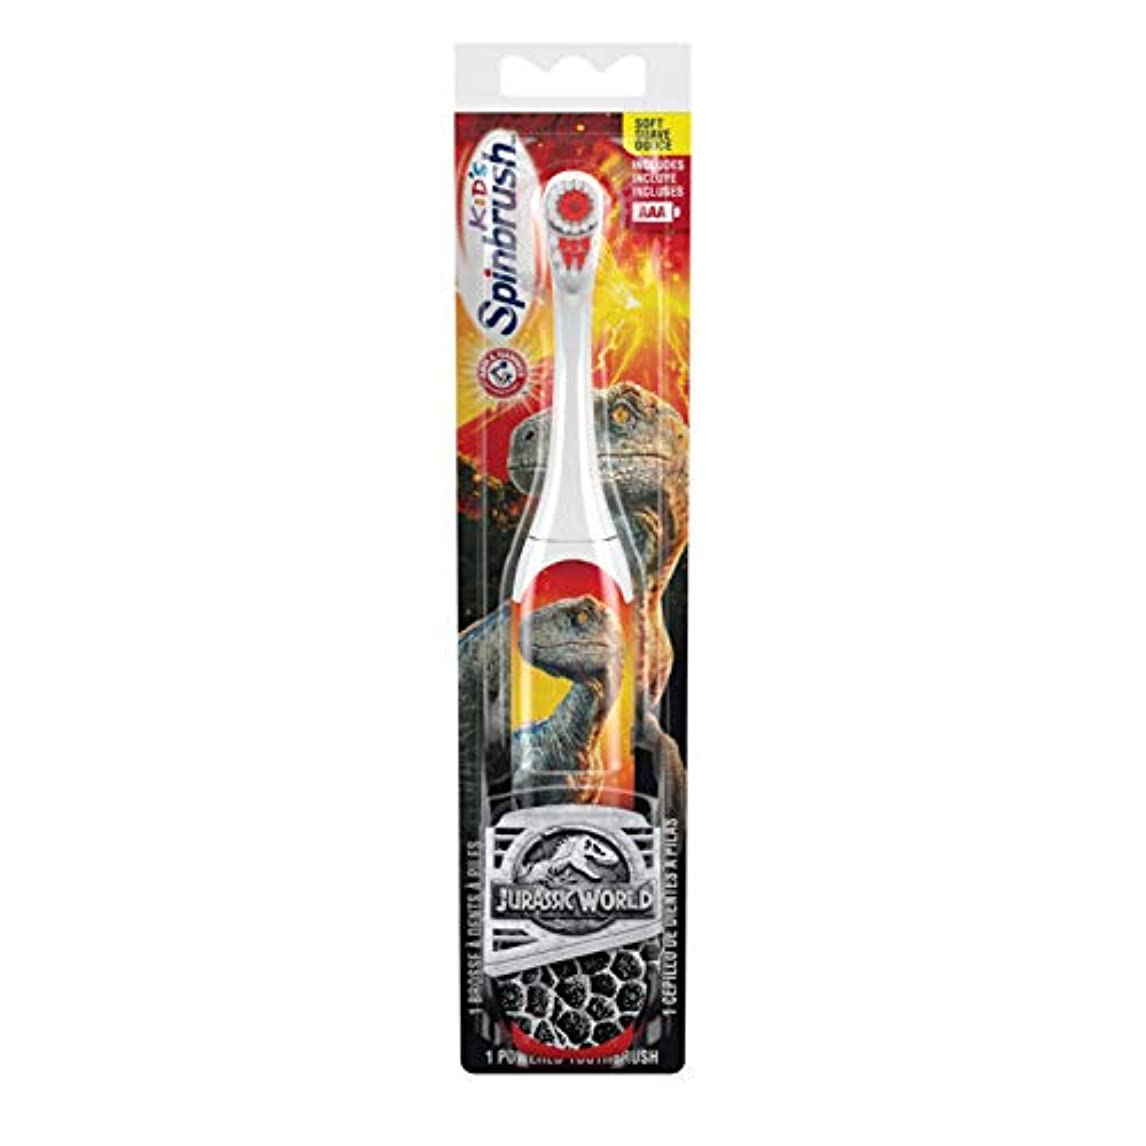 スキル挨拶確認する海外直送品 お子様用ジェラシックワールド電動歯ブラシ 〈ソフト〉 ARM & HAMMER™ Spinbrush™ Jurrassic World 1 Powerd Thoothblash Soft